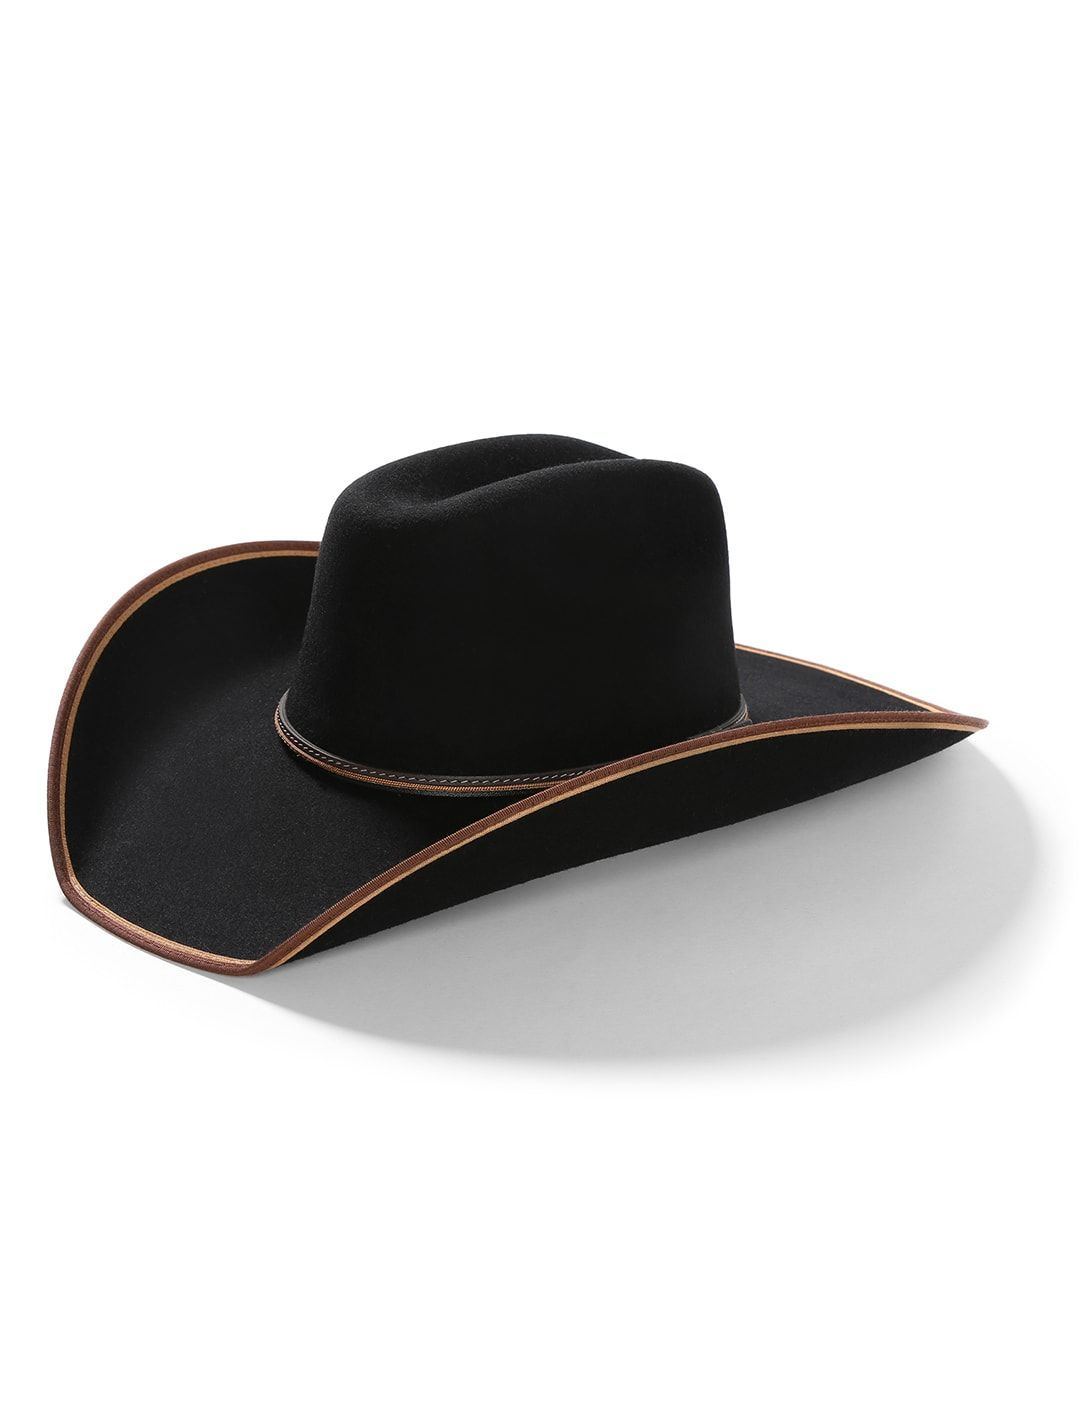 76b912c95b71 Stetson Foothills 3X Wool Felt Cowboy Hat | Western Gear | Felt ...